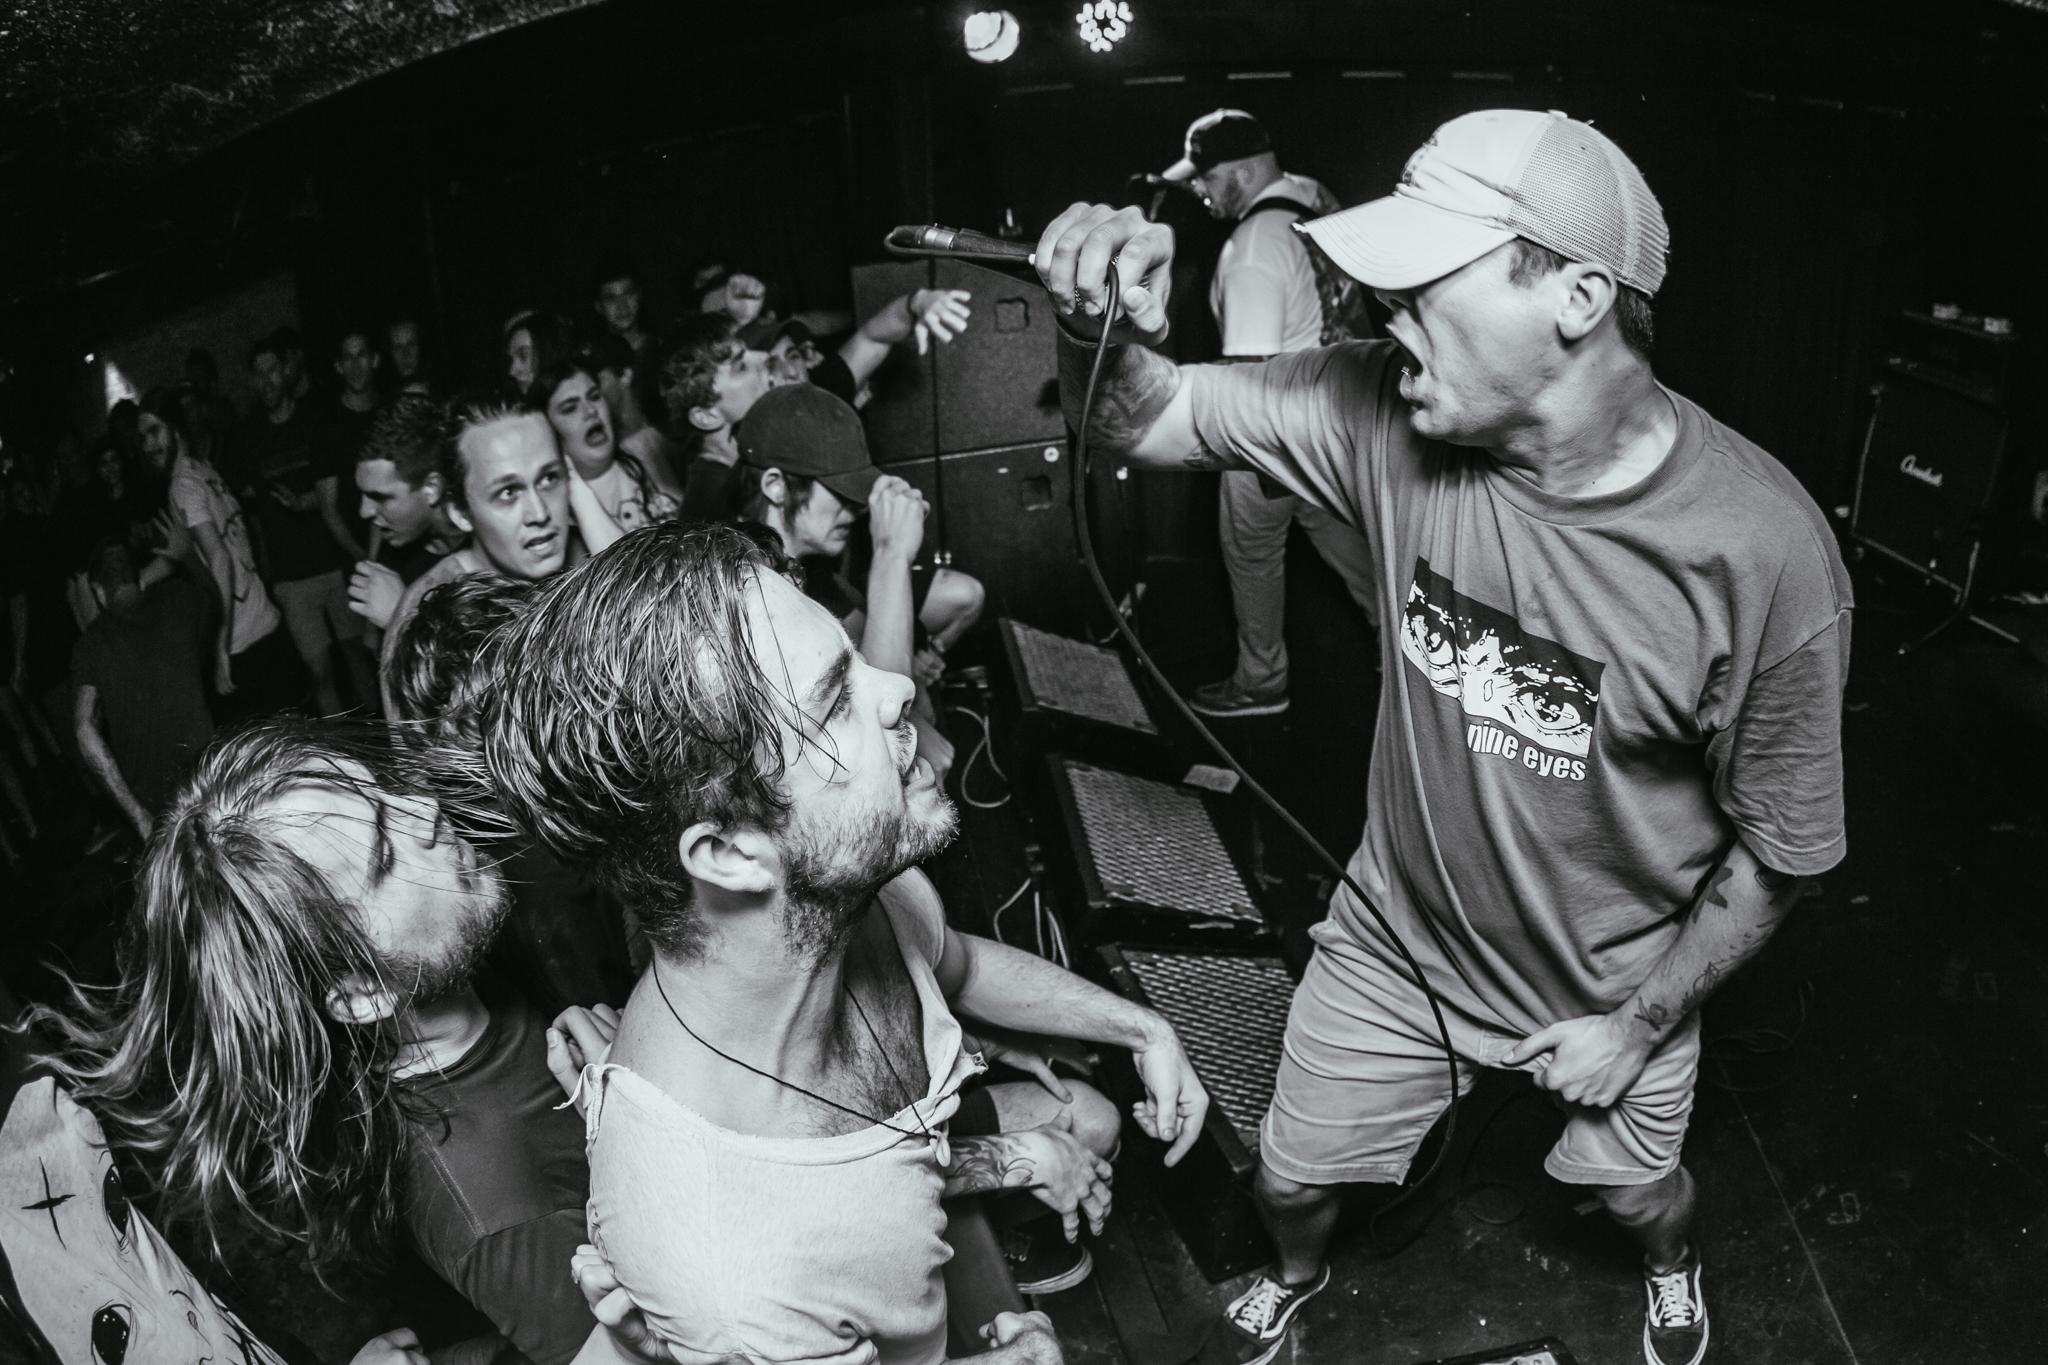 Mitch Lowe Photo - Crowbar - Expire-20.jpg